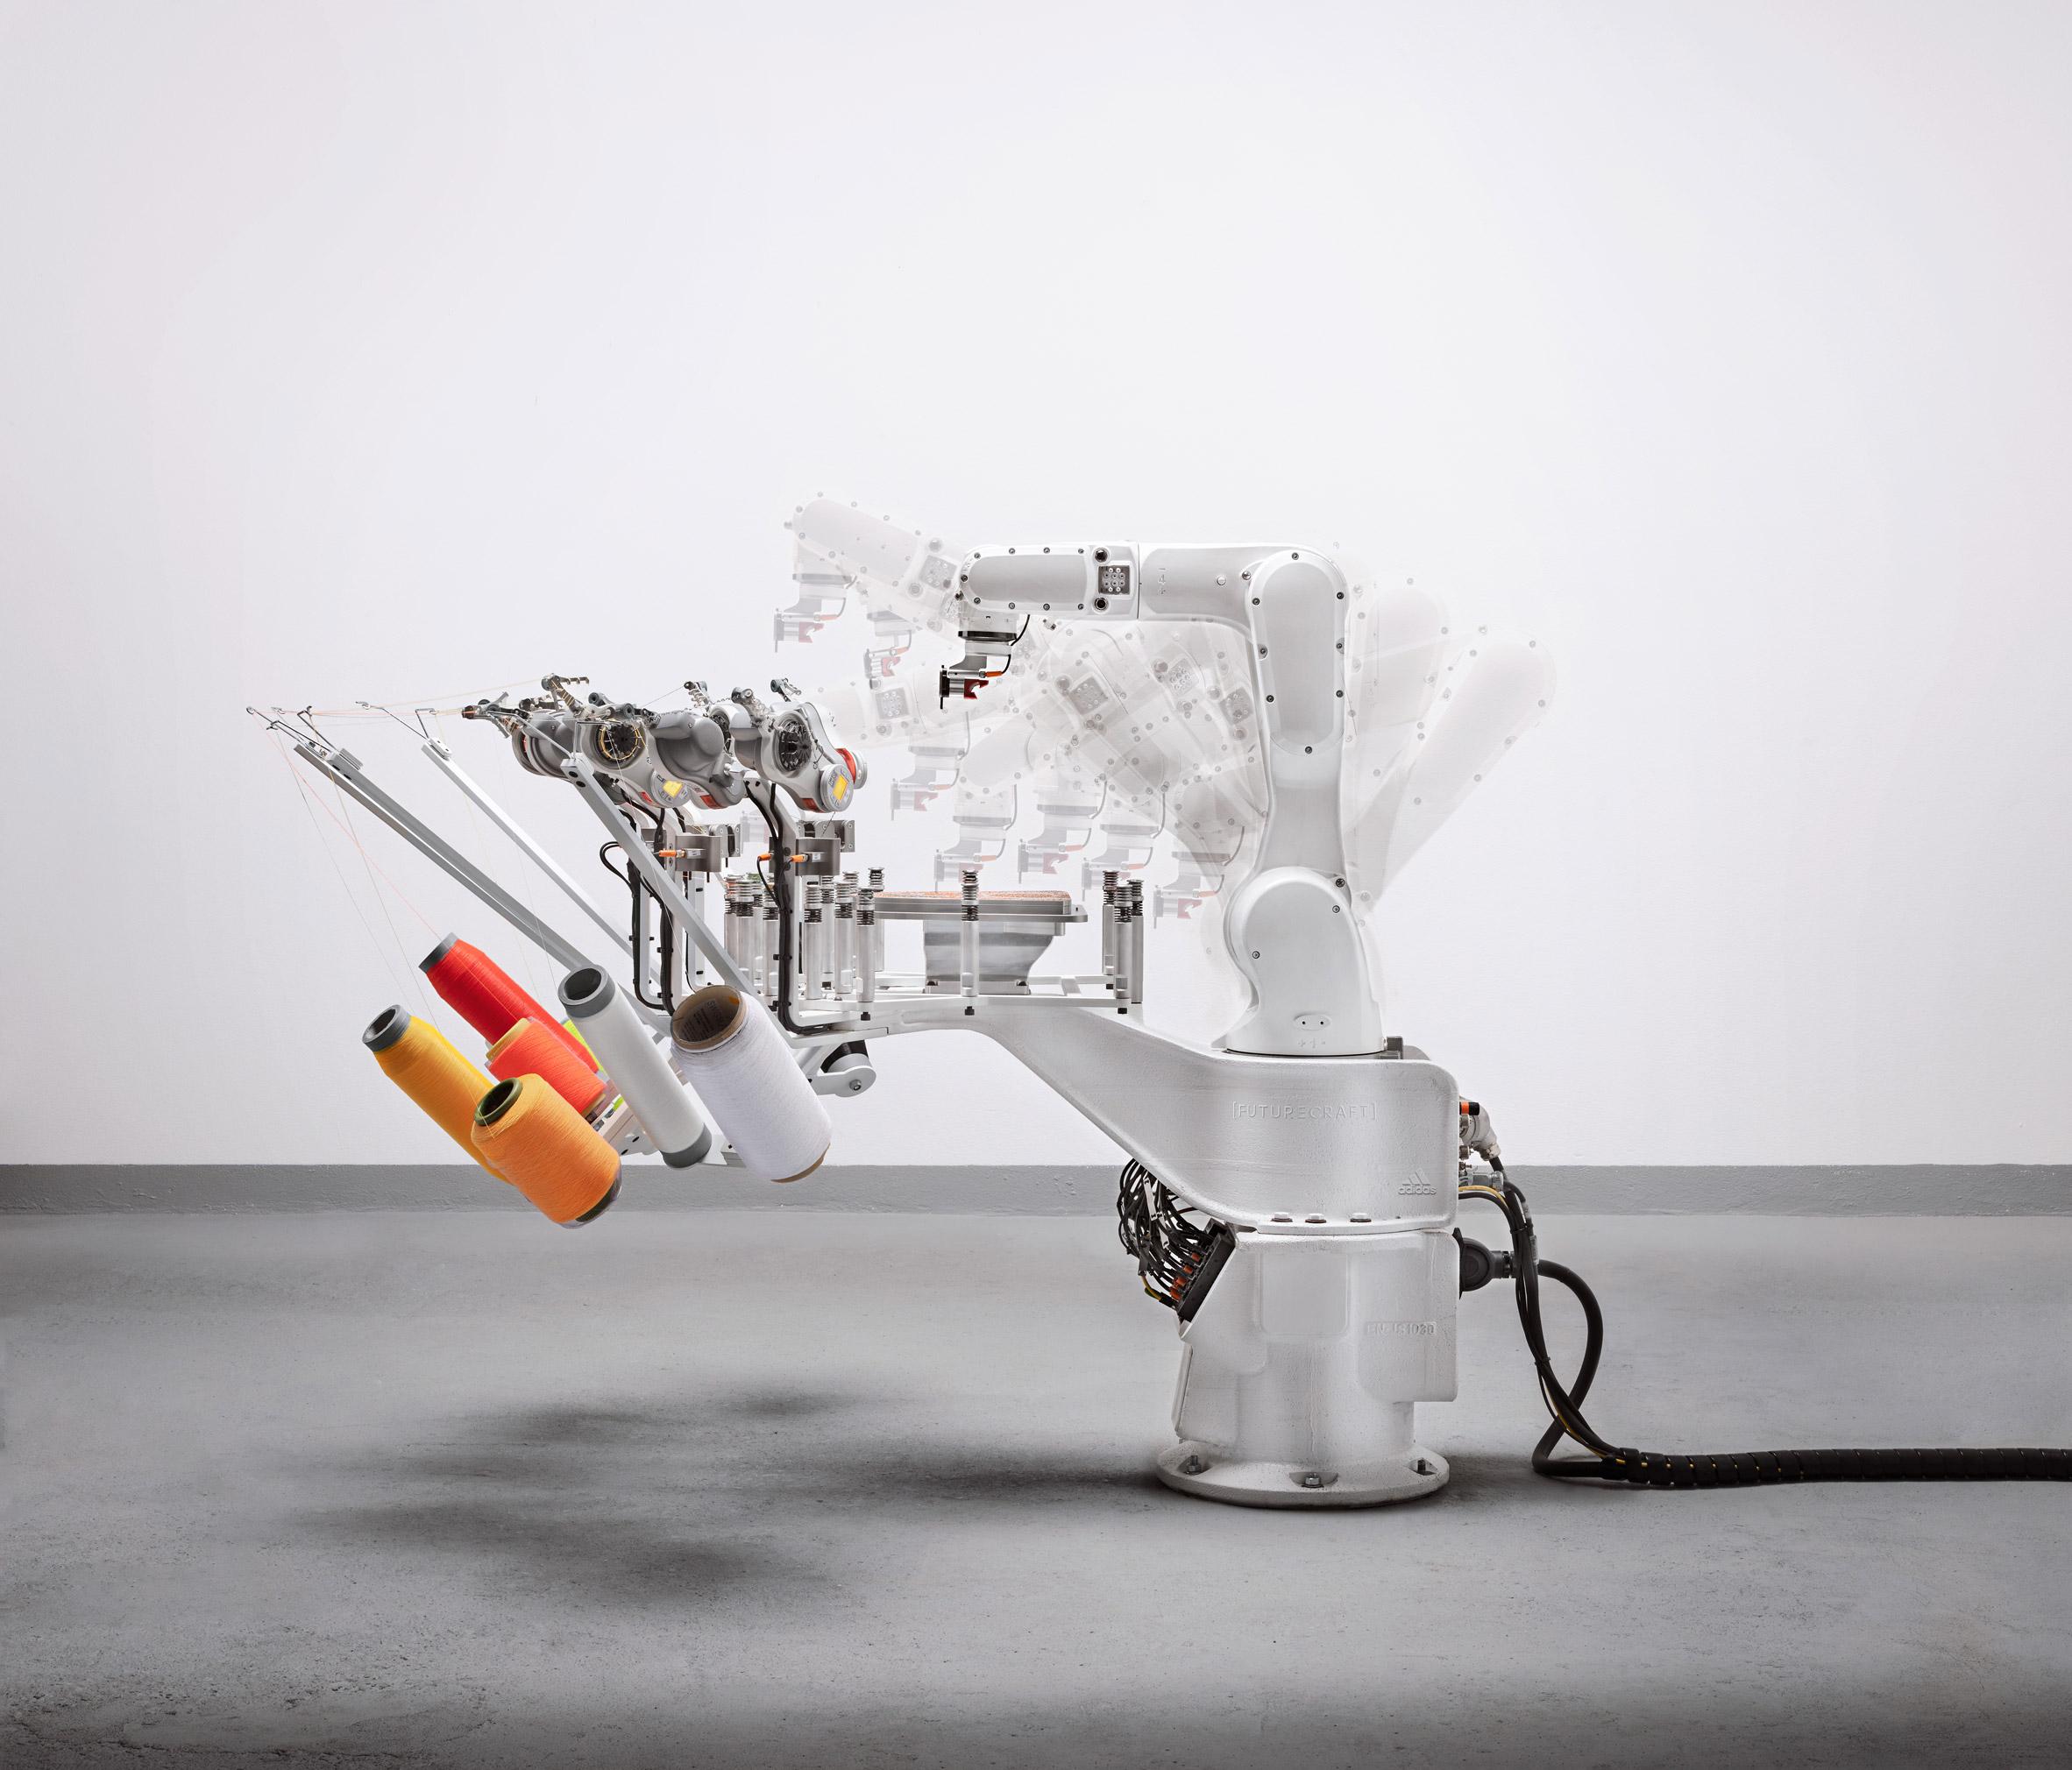 Kram/Weisshaar robot to mauer Strung uppers